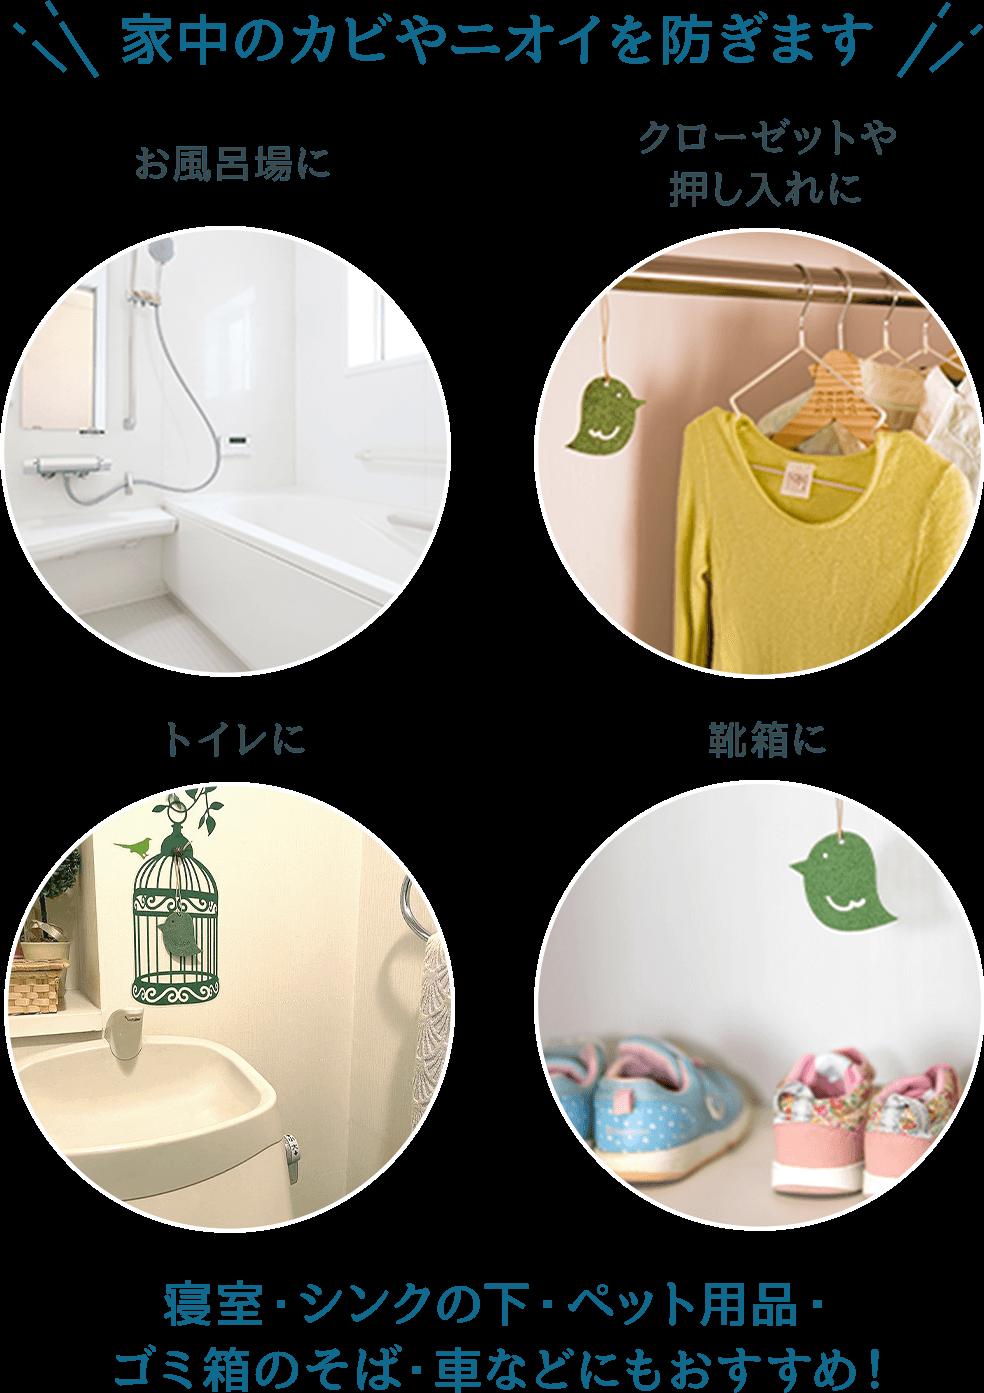 家中のカビやニオイを防ぎます。「お風呂場に」「クローゼットや押し入れに」「トイレに」「靴箱に」寝室・シンクの下・ペット用品・ゴミ箱のそば・車などにもおすすめ!